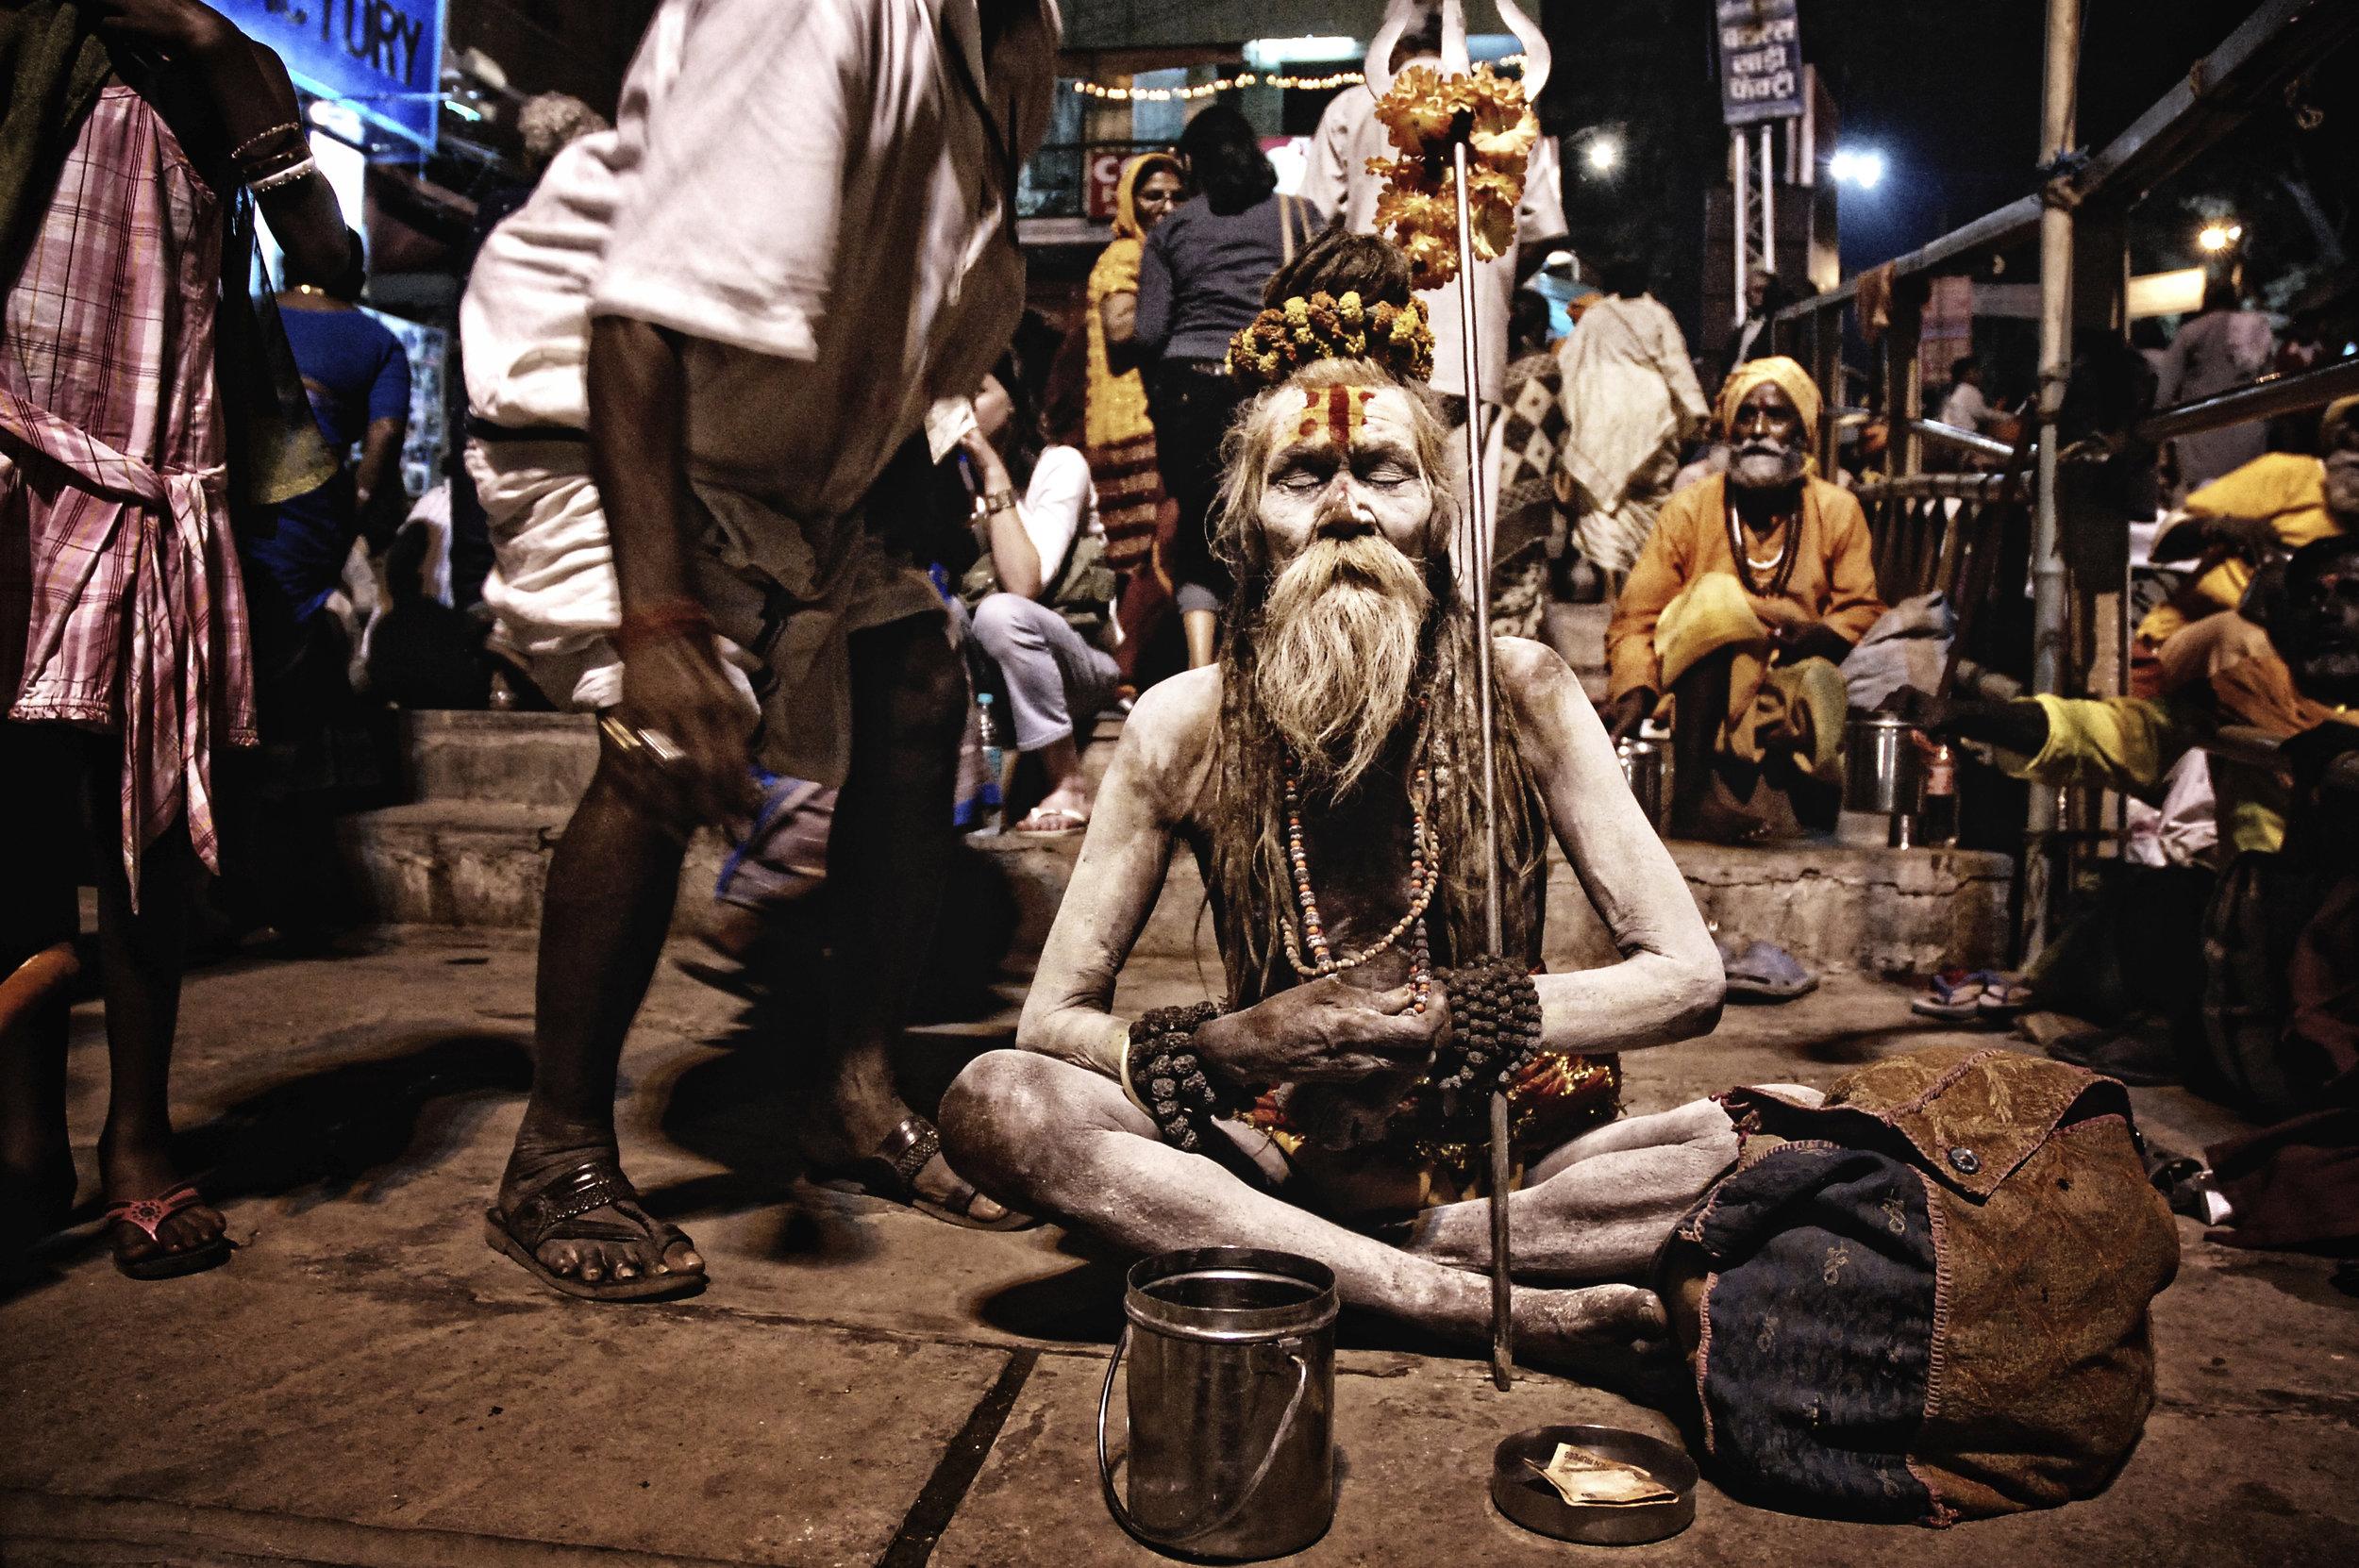 sadhus-holy-men-nepal.jpg